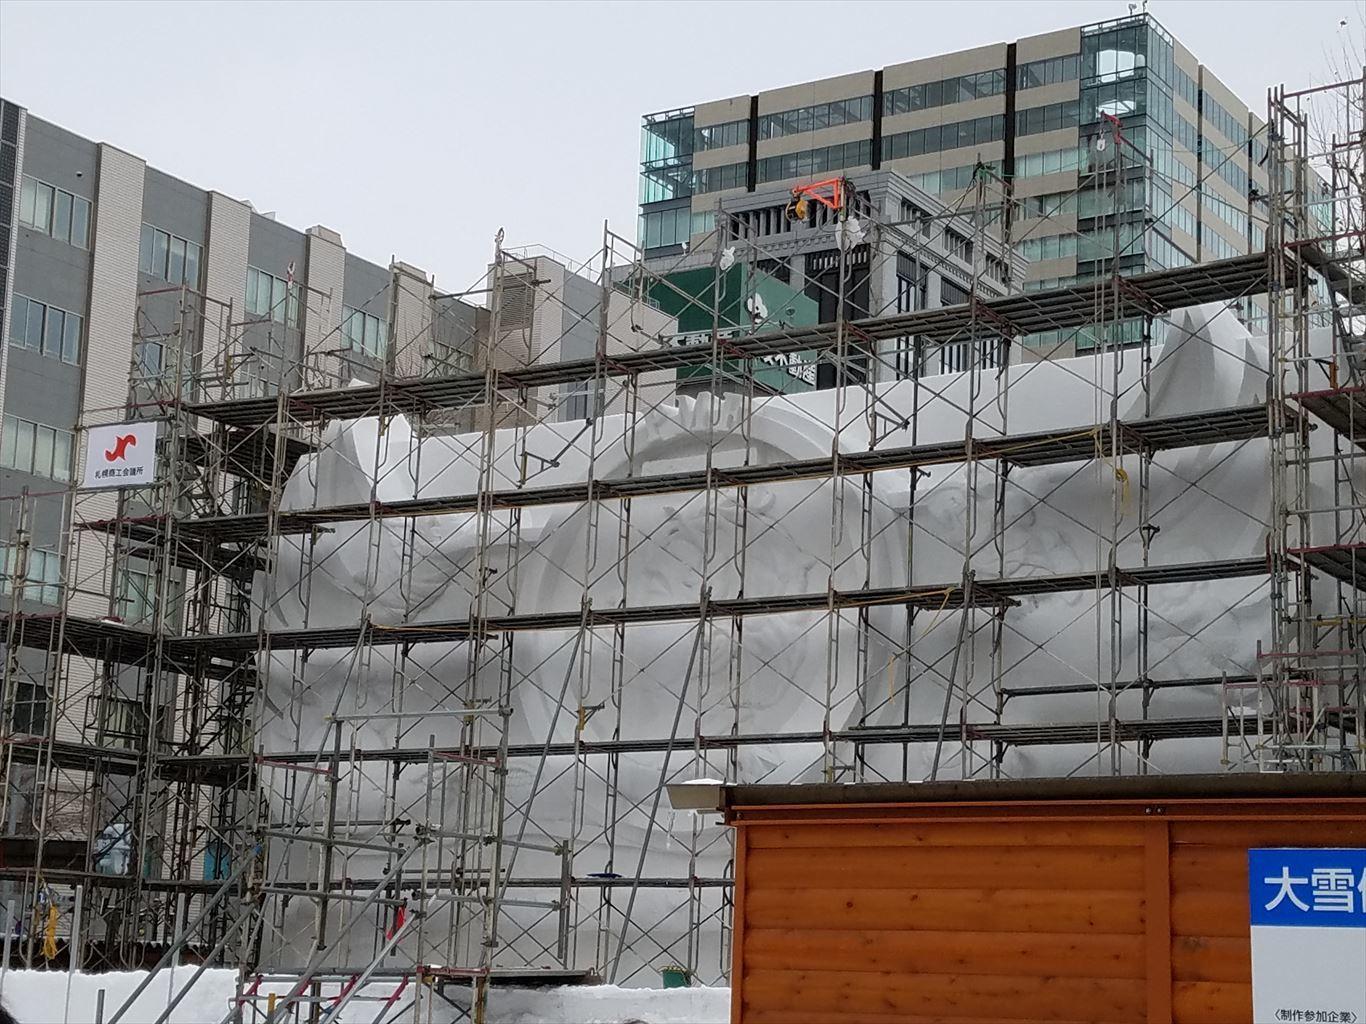 さっぽろ雪まつり雪像建設中201801